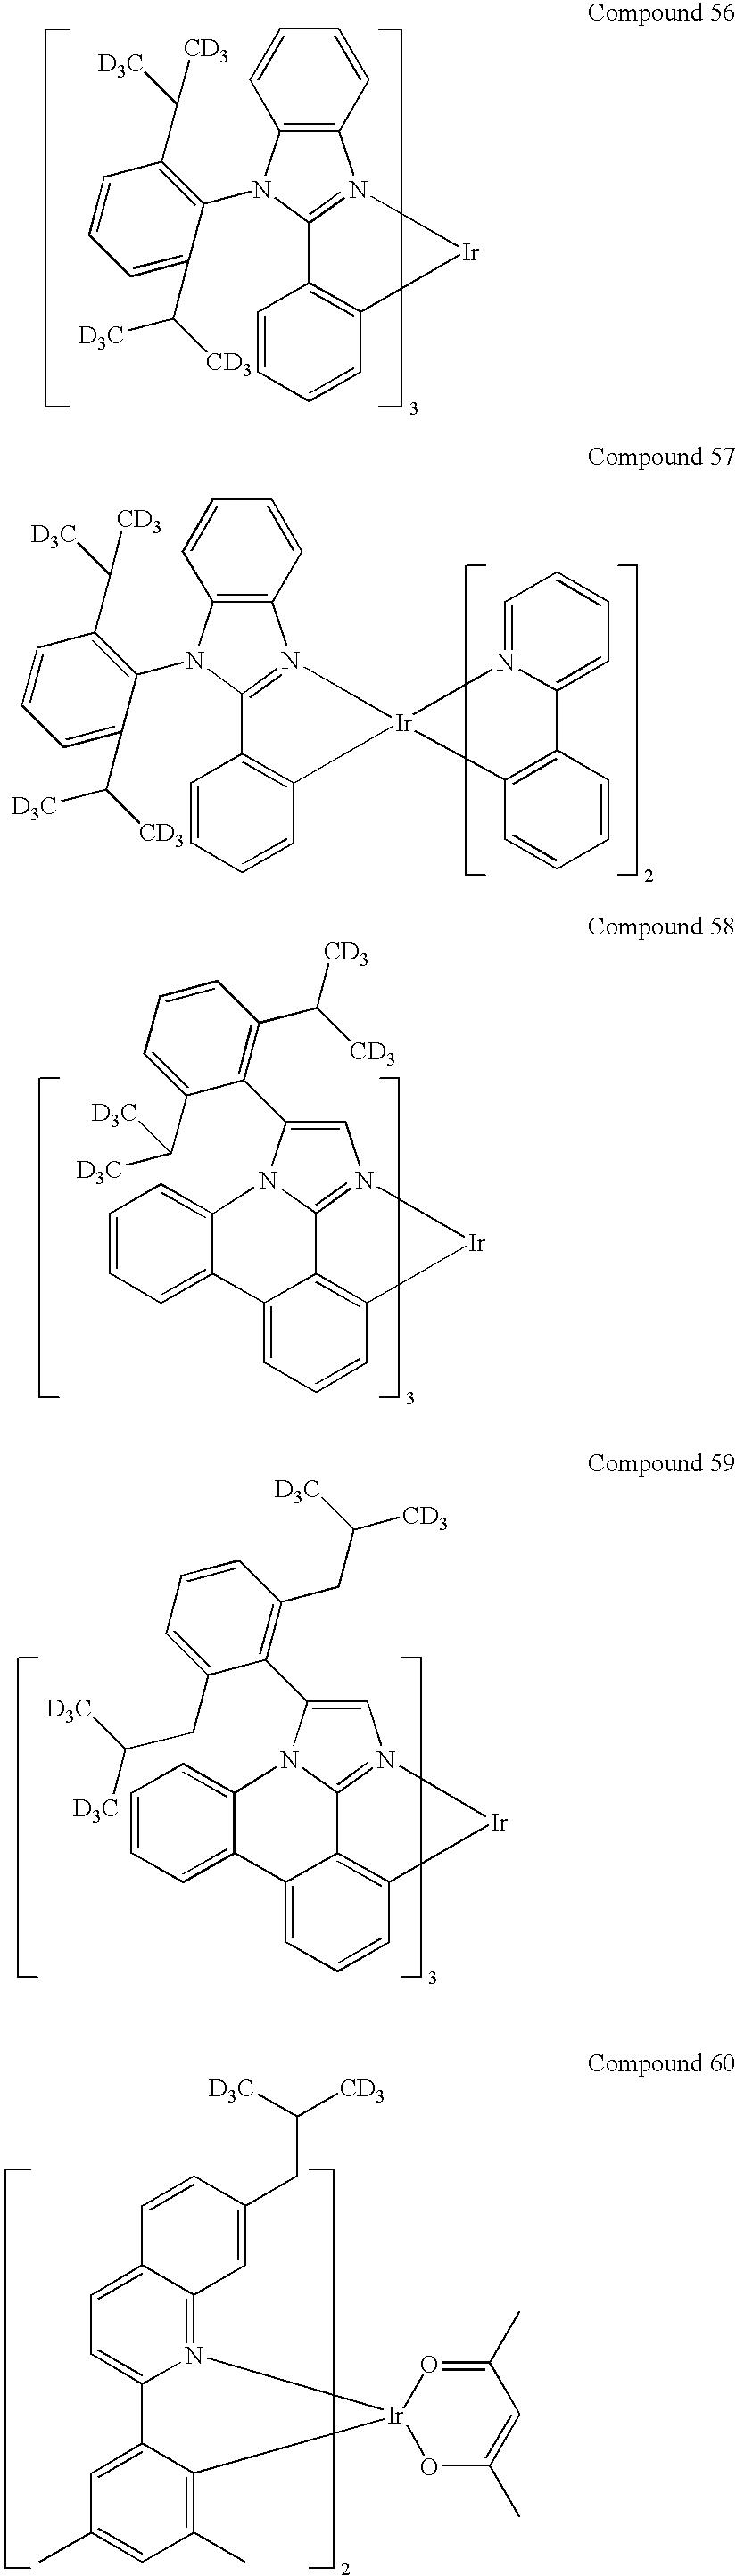 Figure US20100270916A1-20101028-C00225